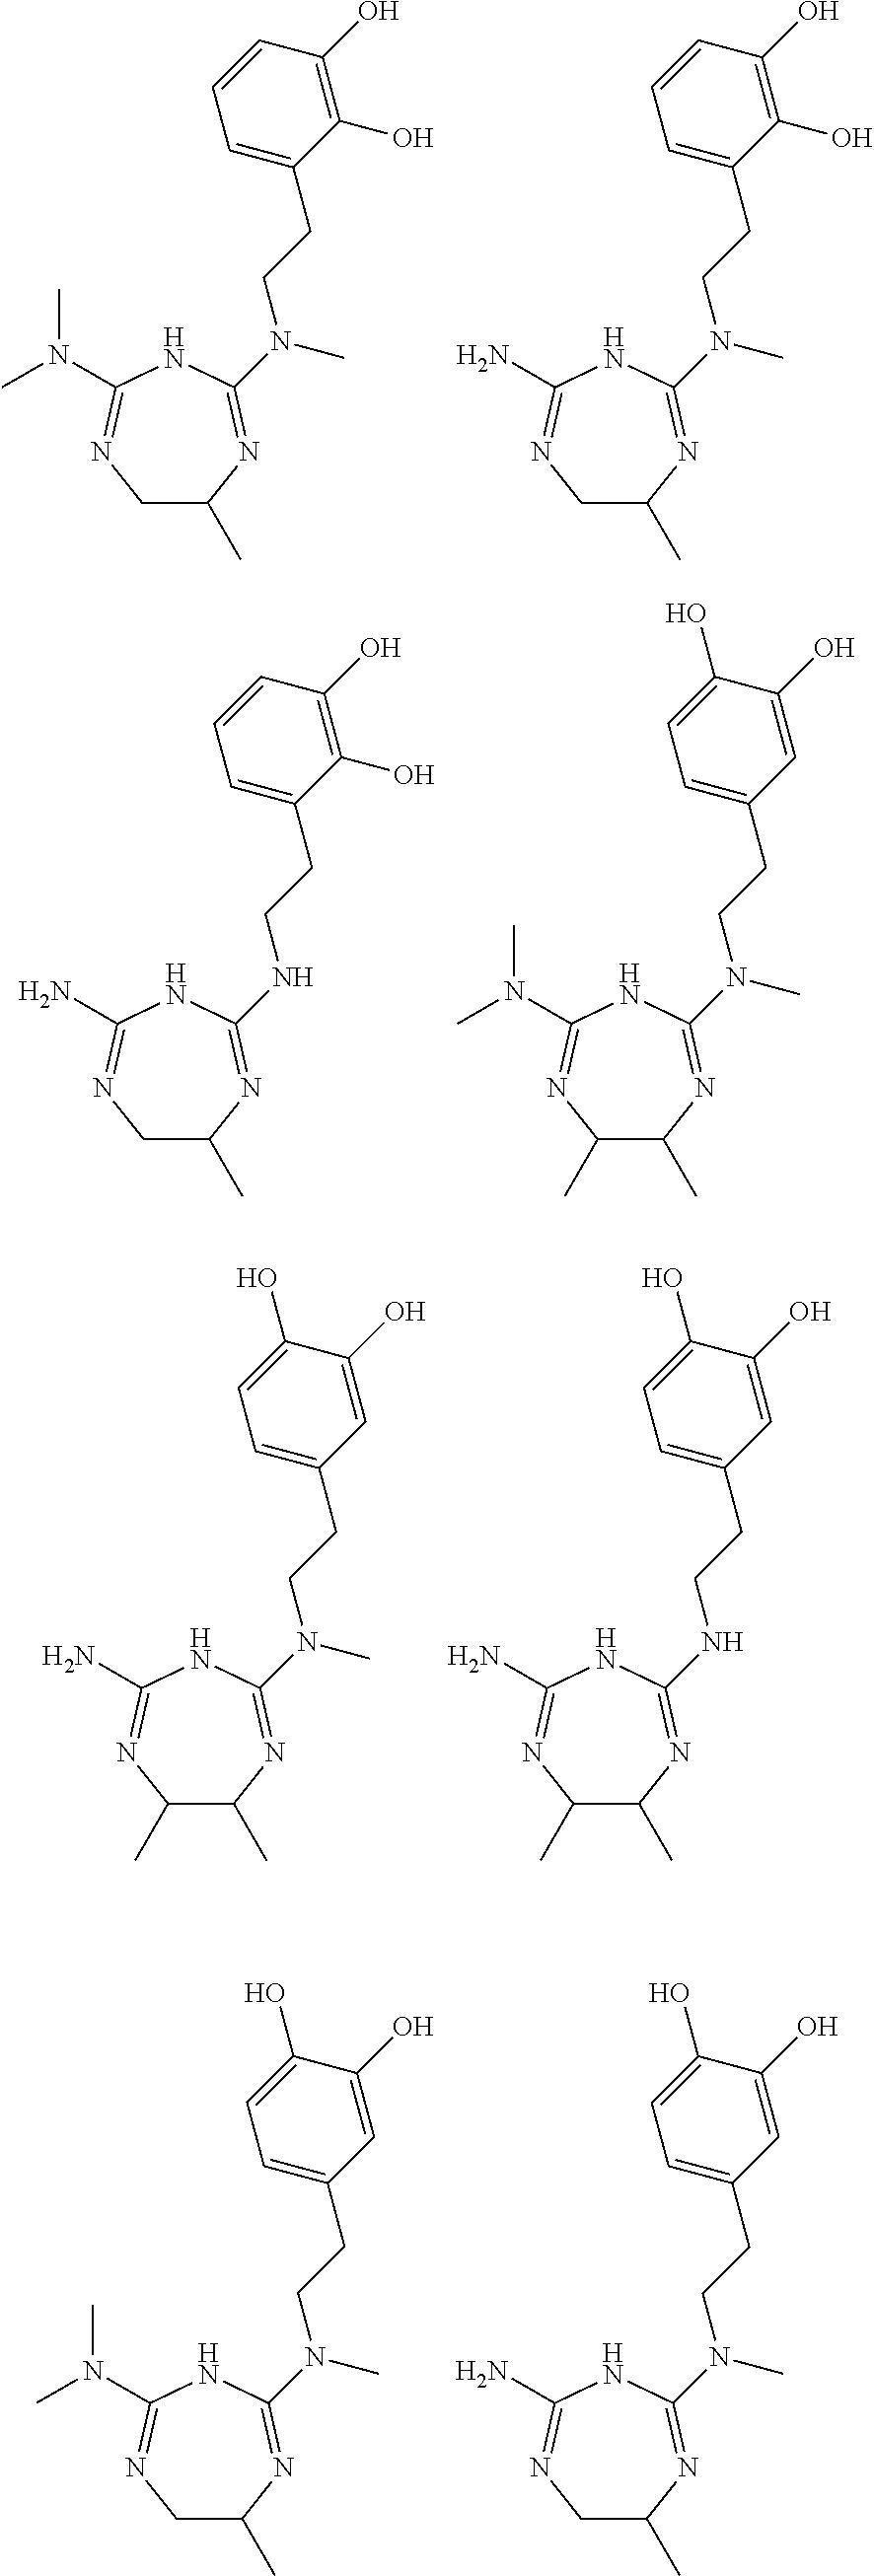 Figure US09480663-20161101-C00217